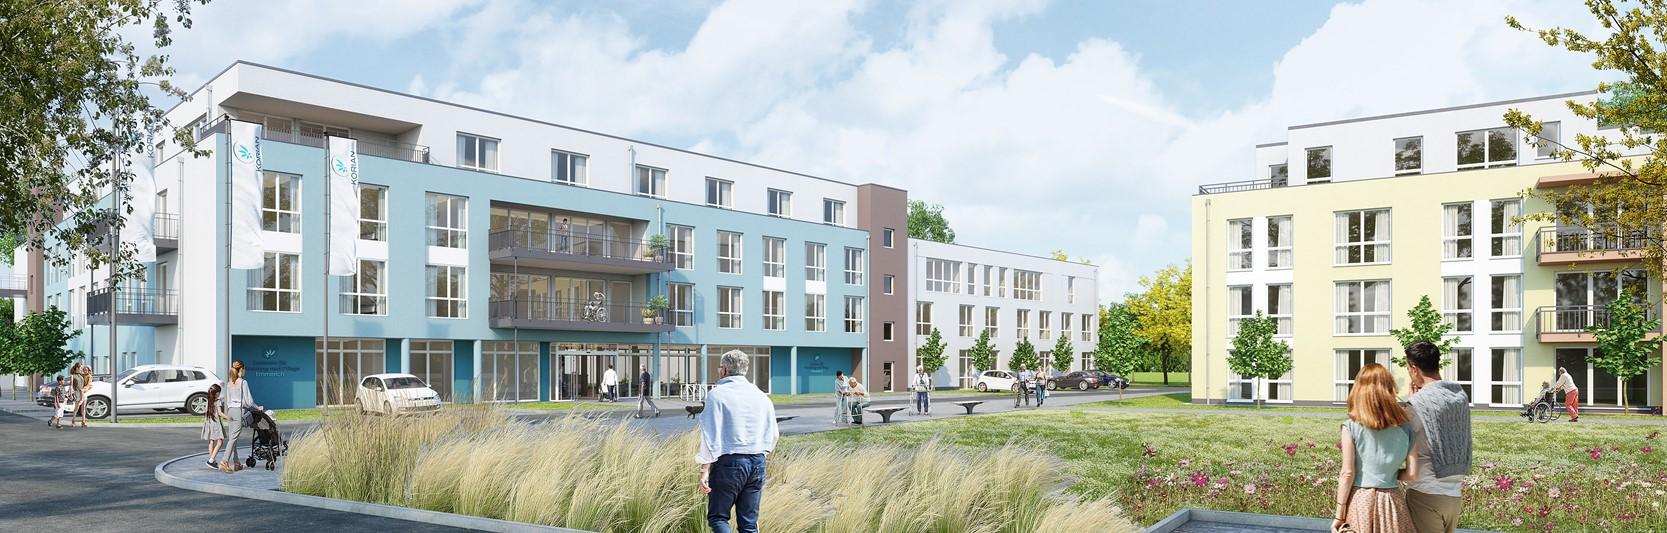 Newsartikel:Zentrum für Betreuung und Pflege Emmerich am Rhein öffnet seine Pforten